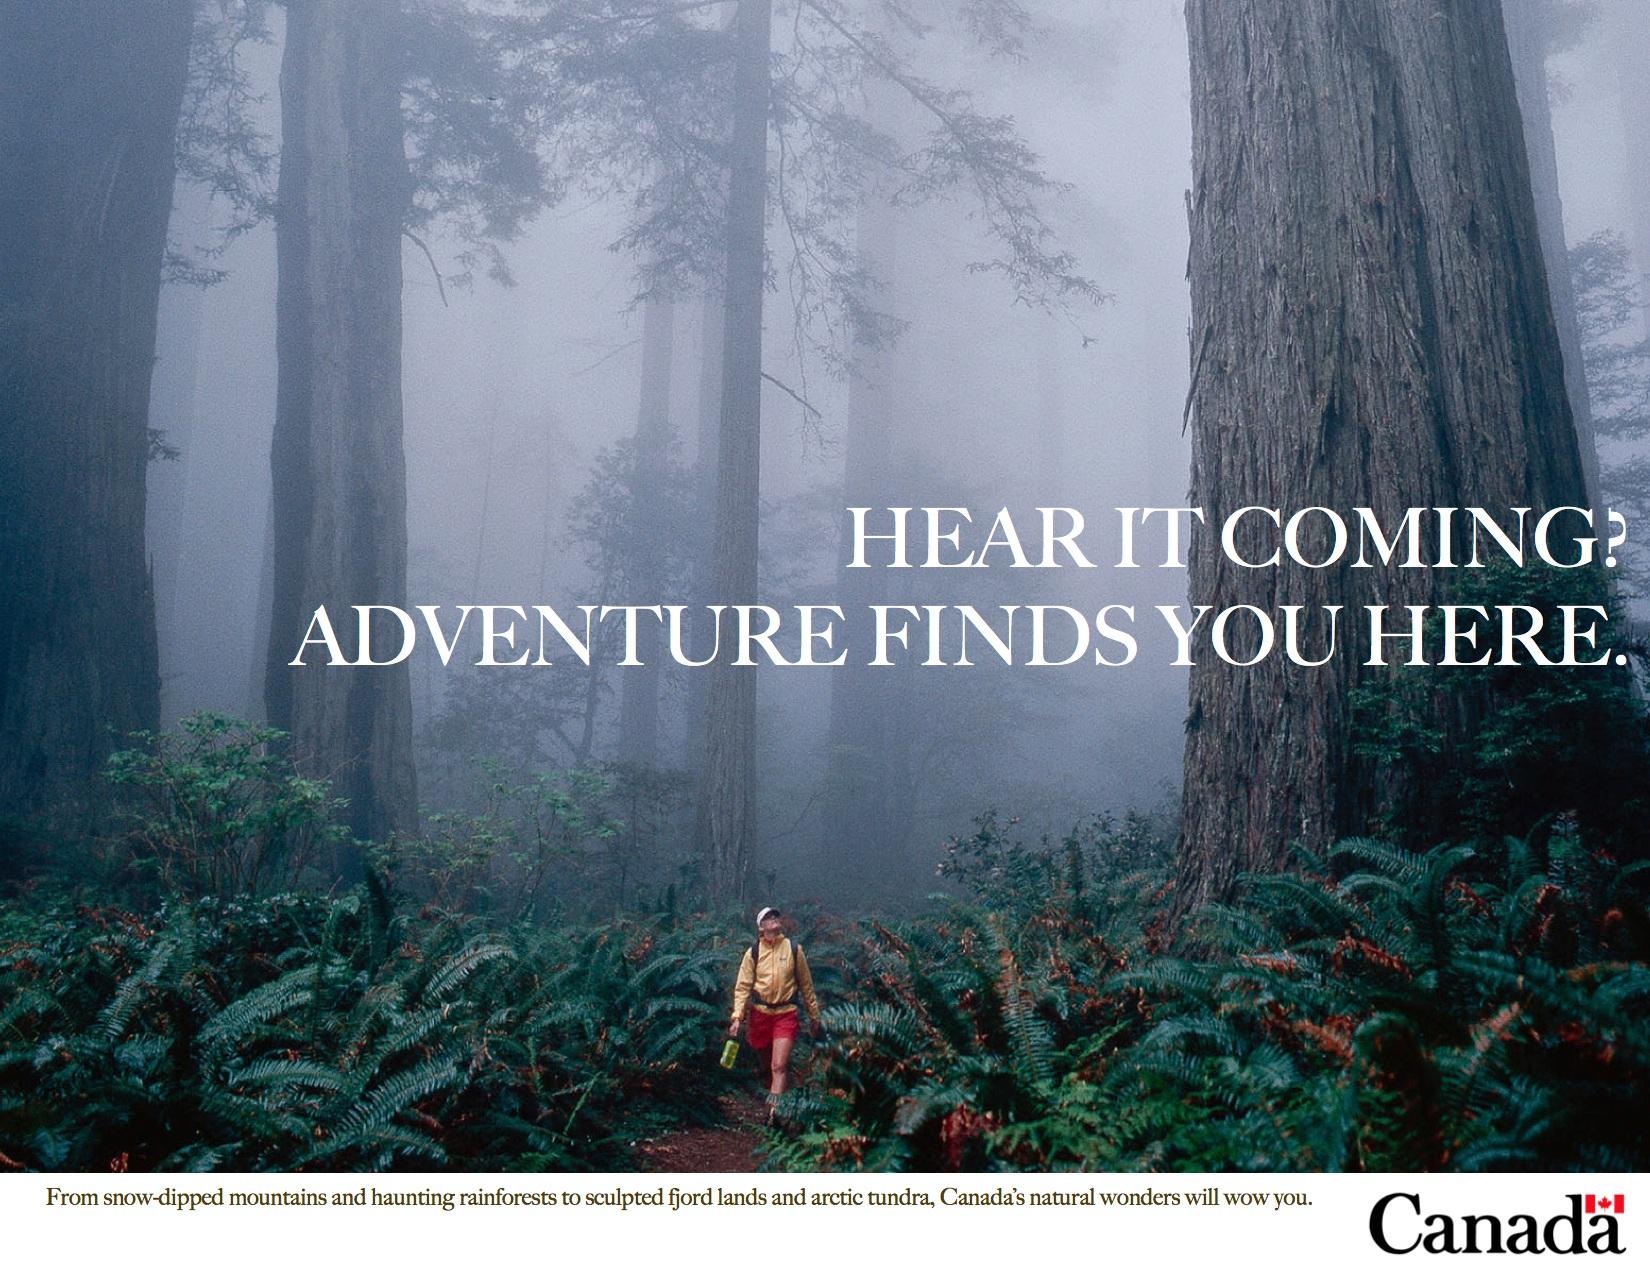 CANADA AD 2.jpg